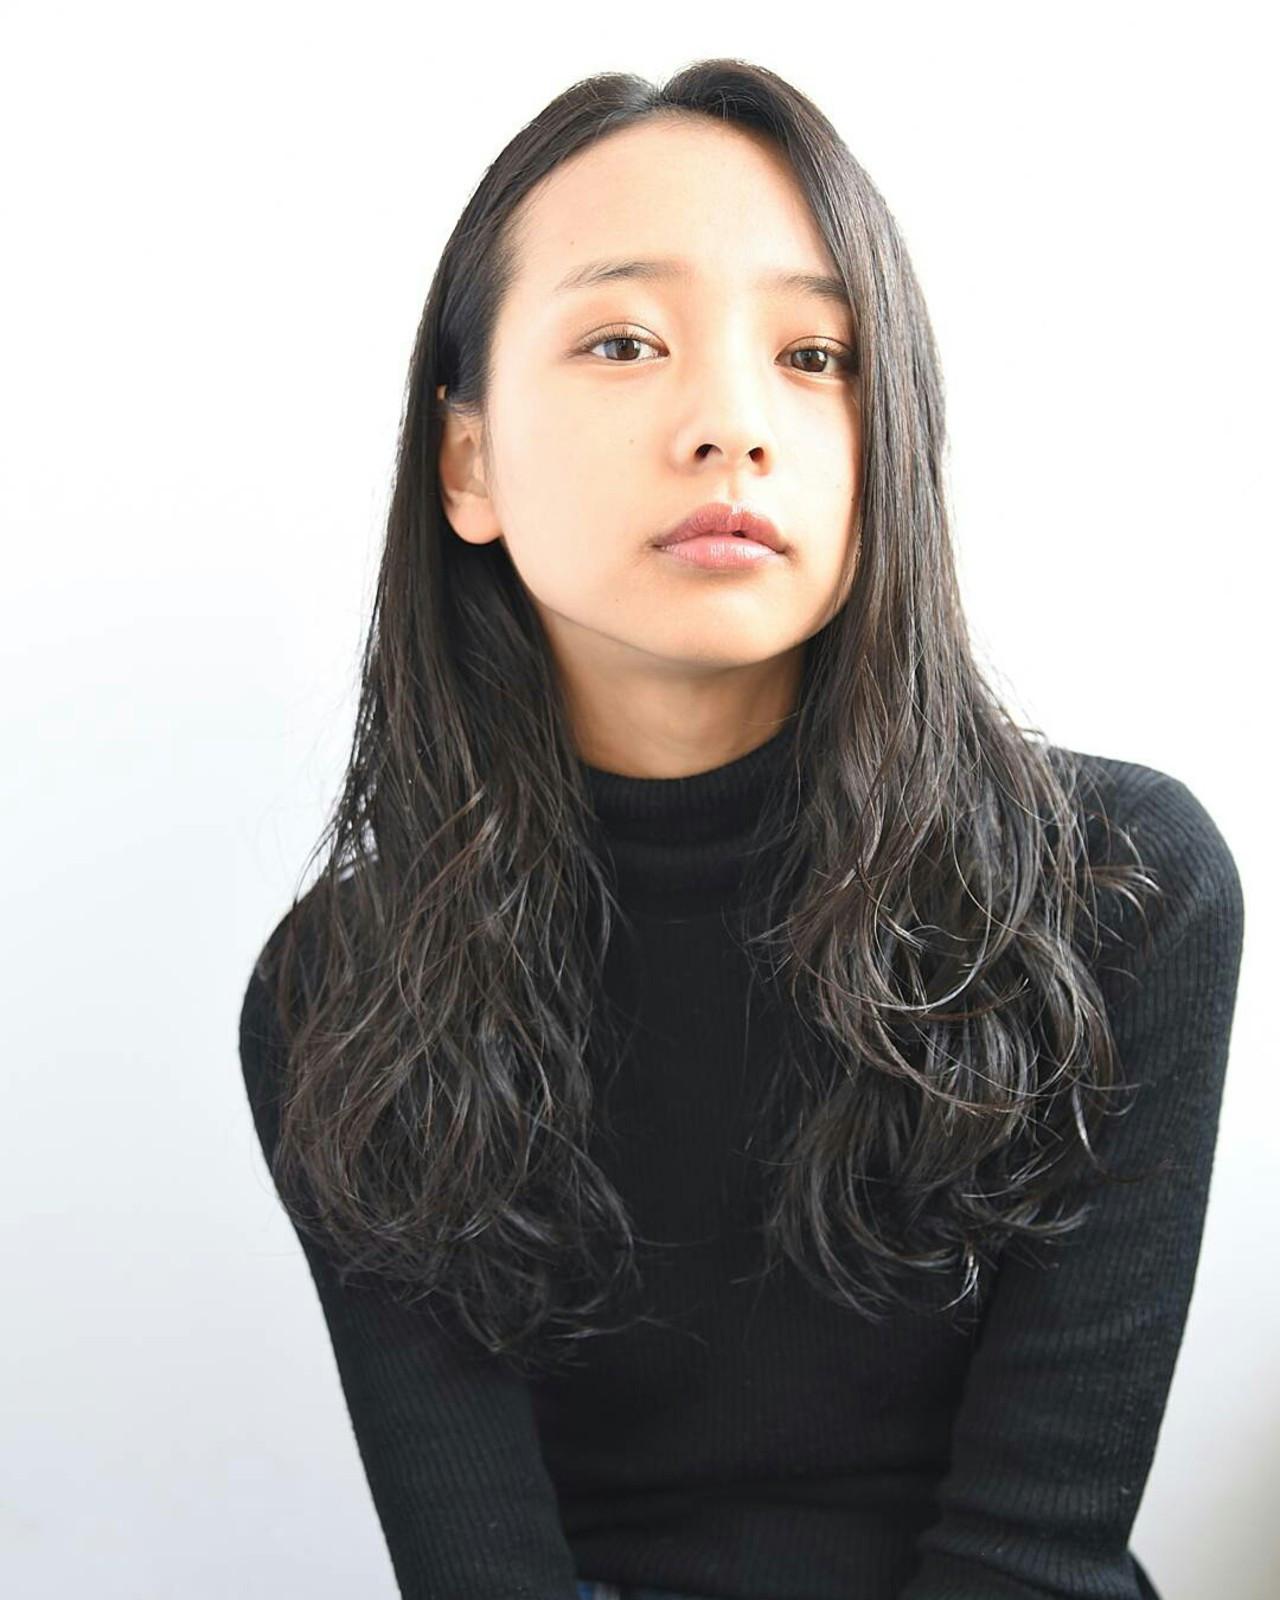 ダークヘアのウェットーパマスタイル イノウエ ユウキ【tsumiki】